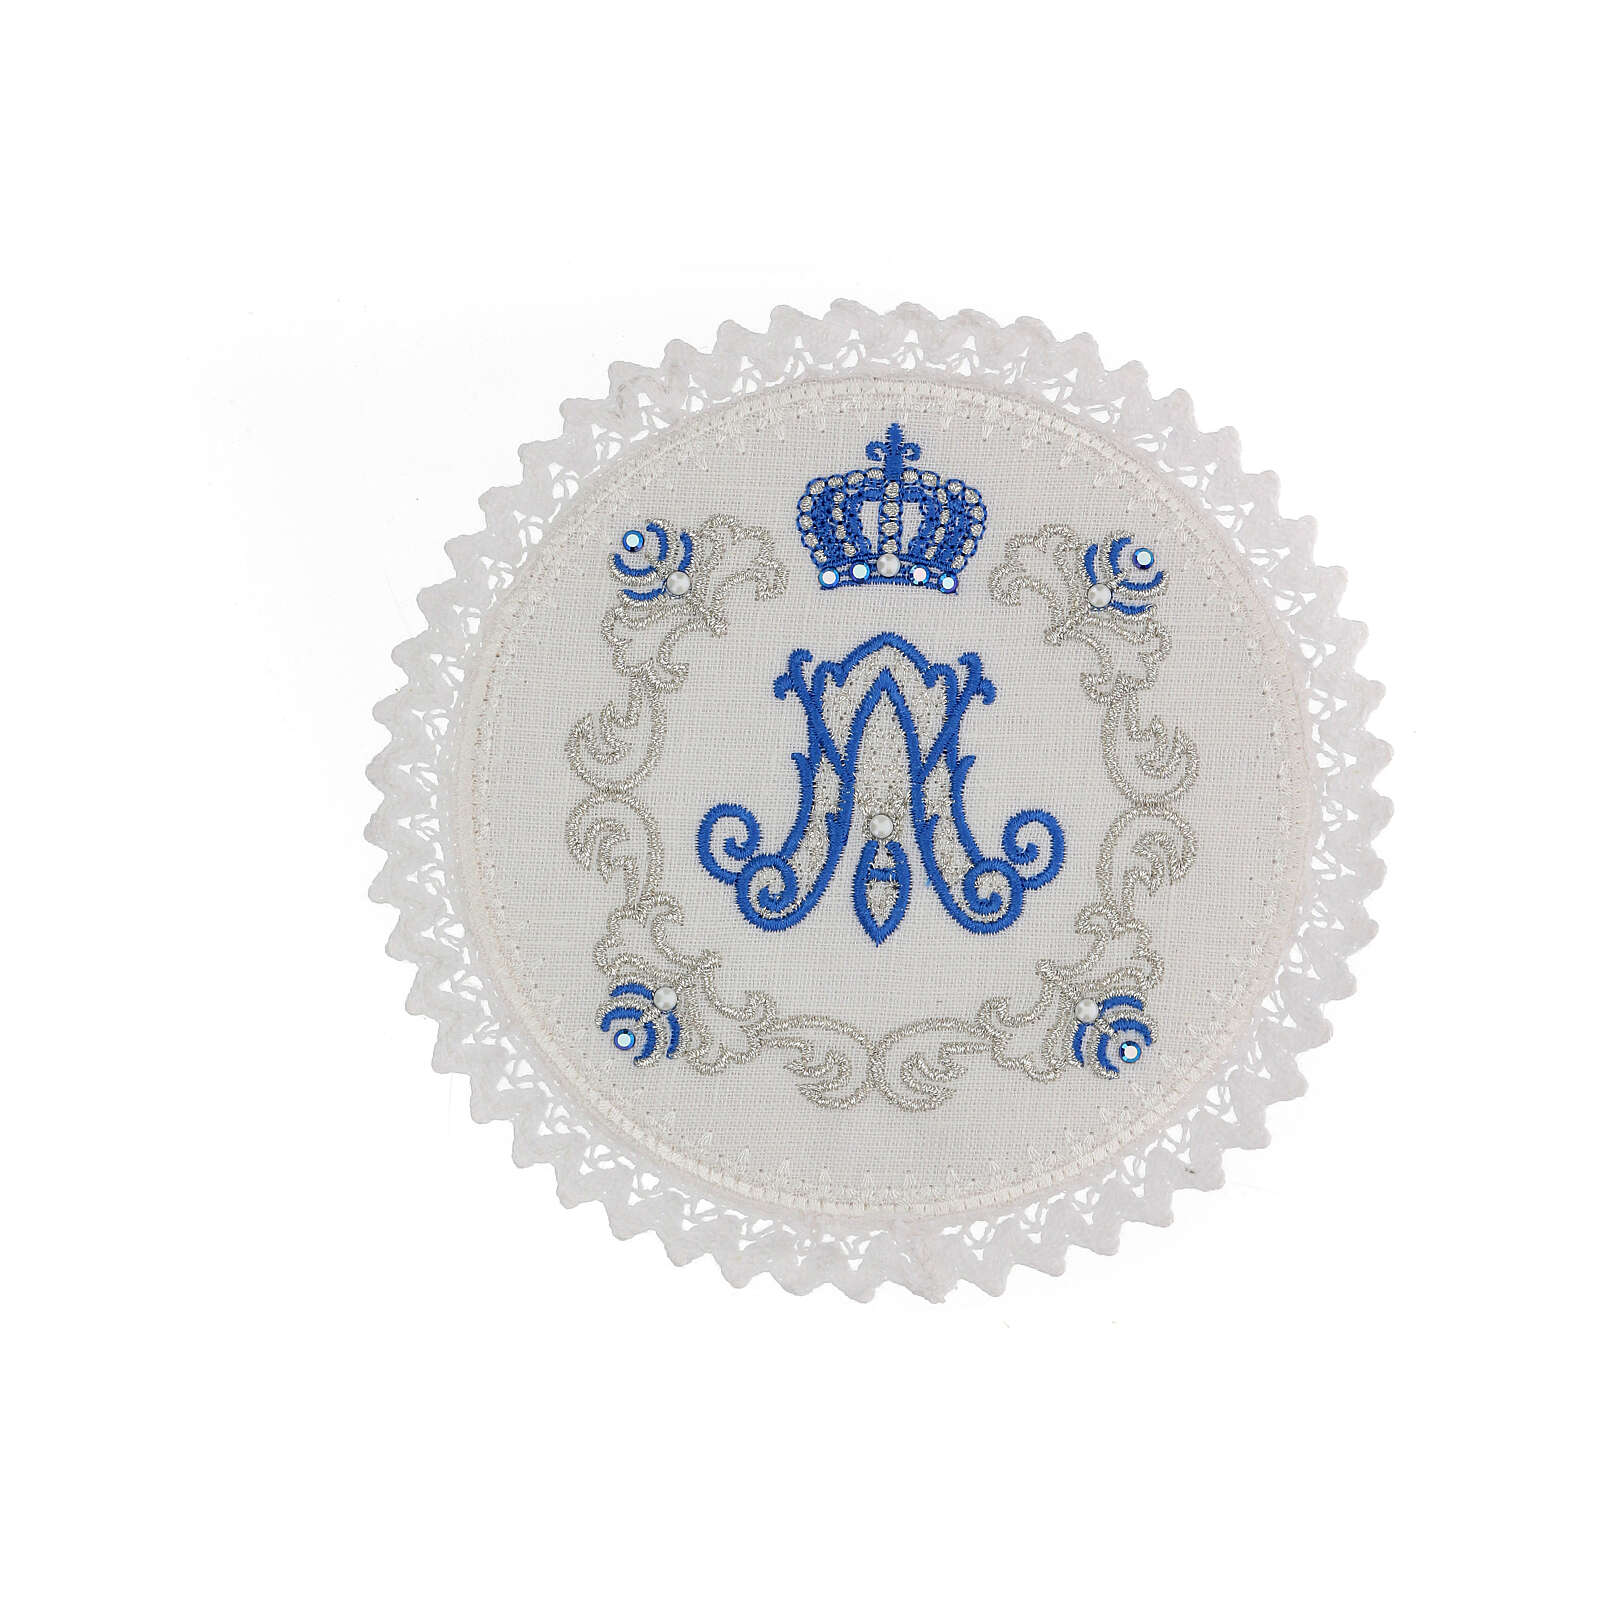 Linge autel 4 pcs 100% LIN rond broderies décorations bleu argent Édition Limitée 4